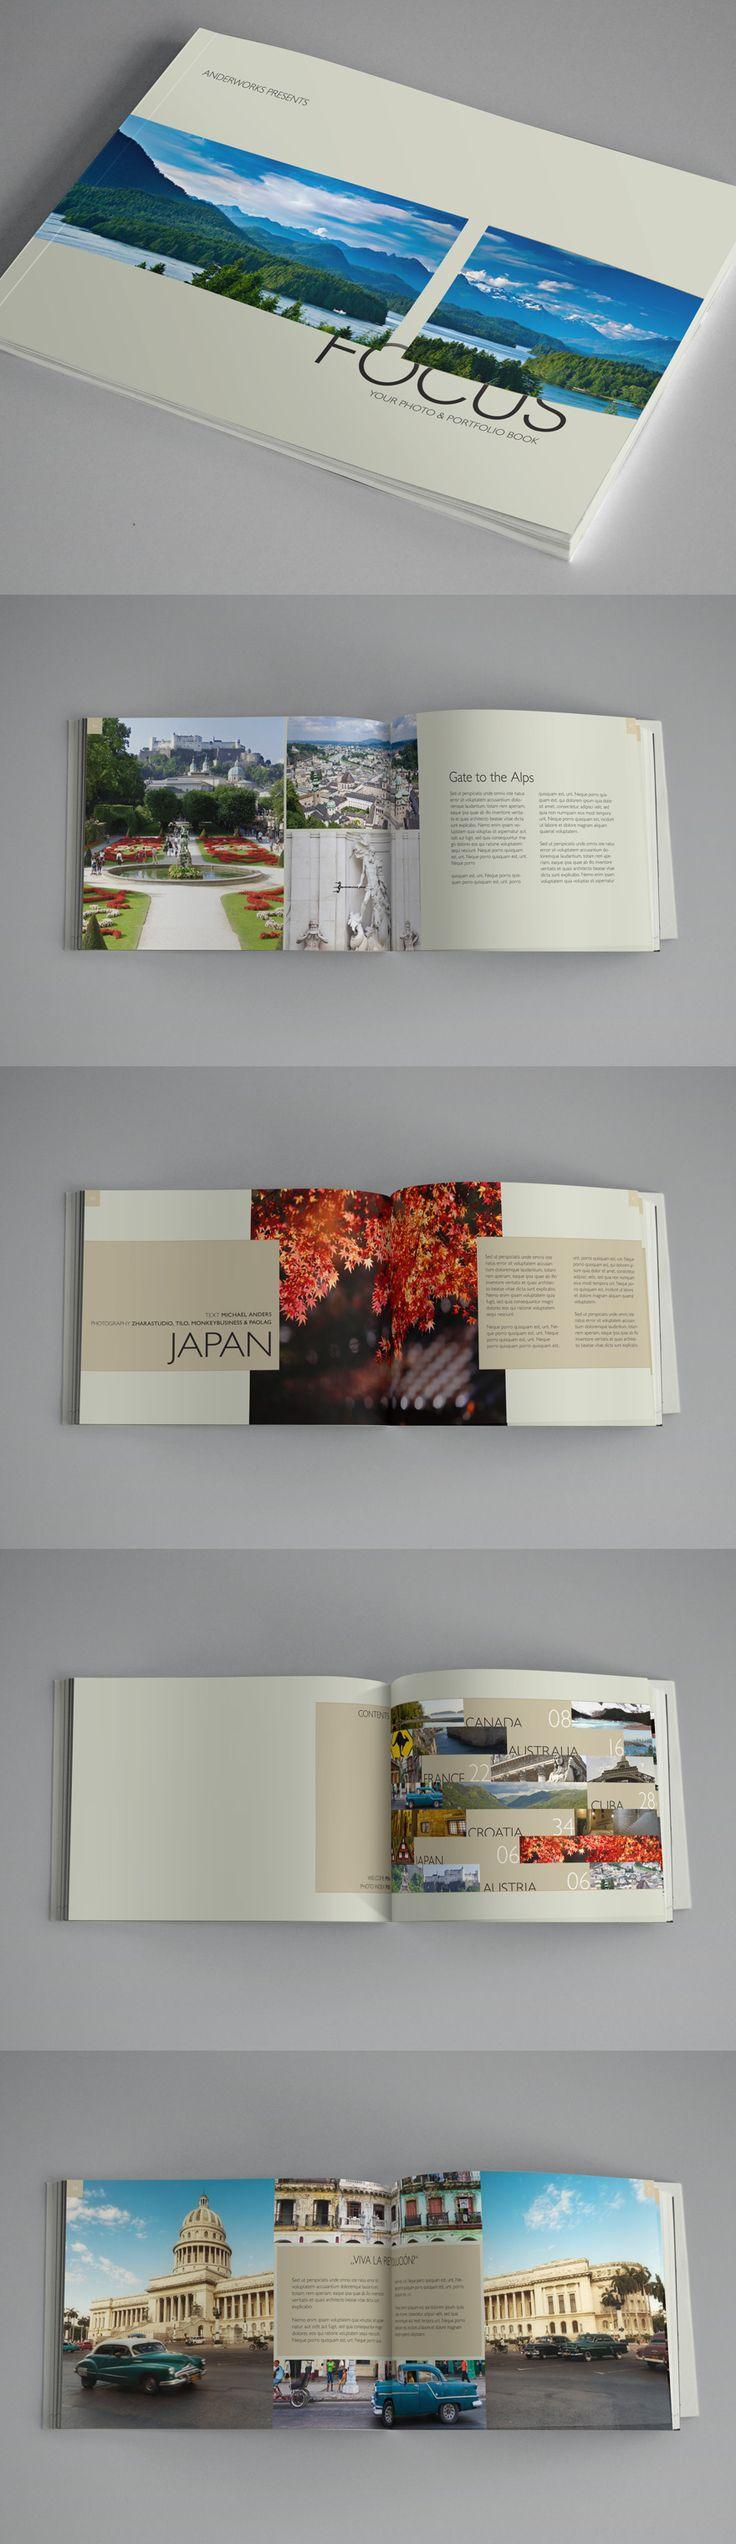 Focus - Photo & Portfolio Book Template - Brochures - Creattica